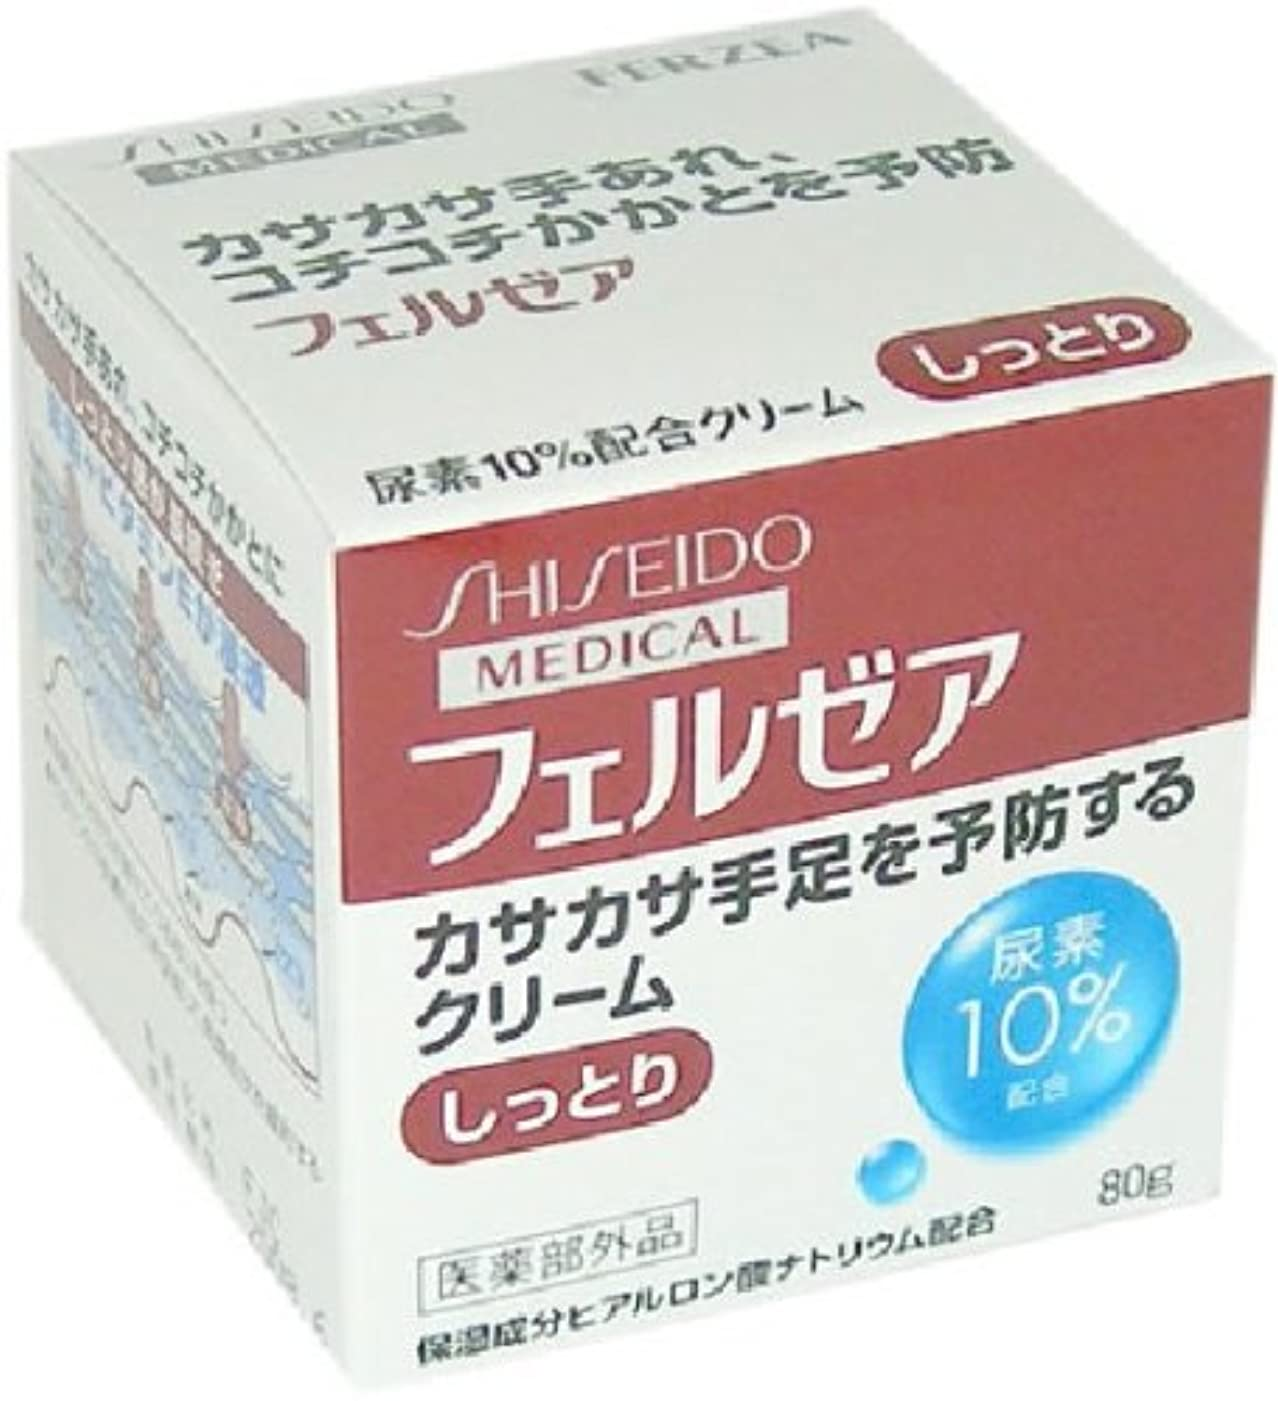 栄光に沿って実り多いフェルゼア クリームM しっとりジャータイプ 尿素10%配合 80g [指定医薬部外品]